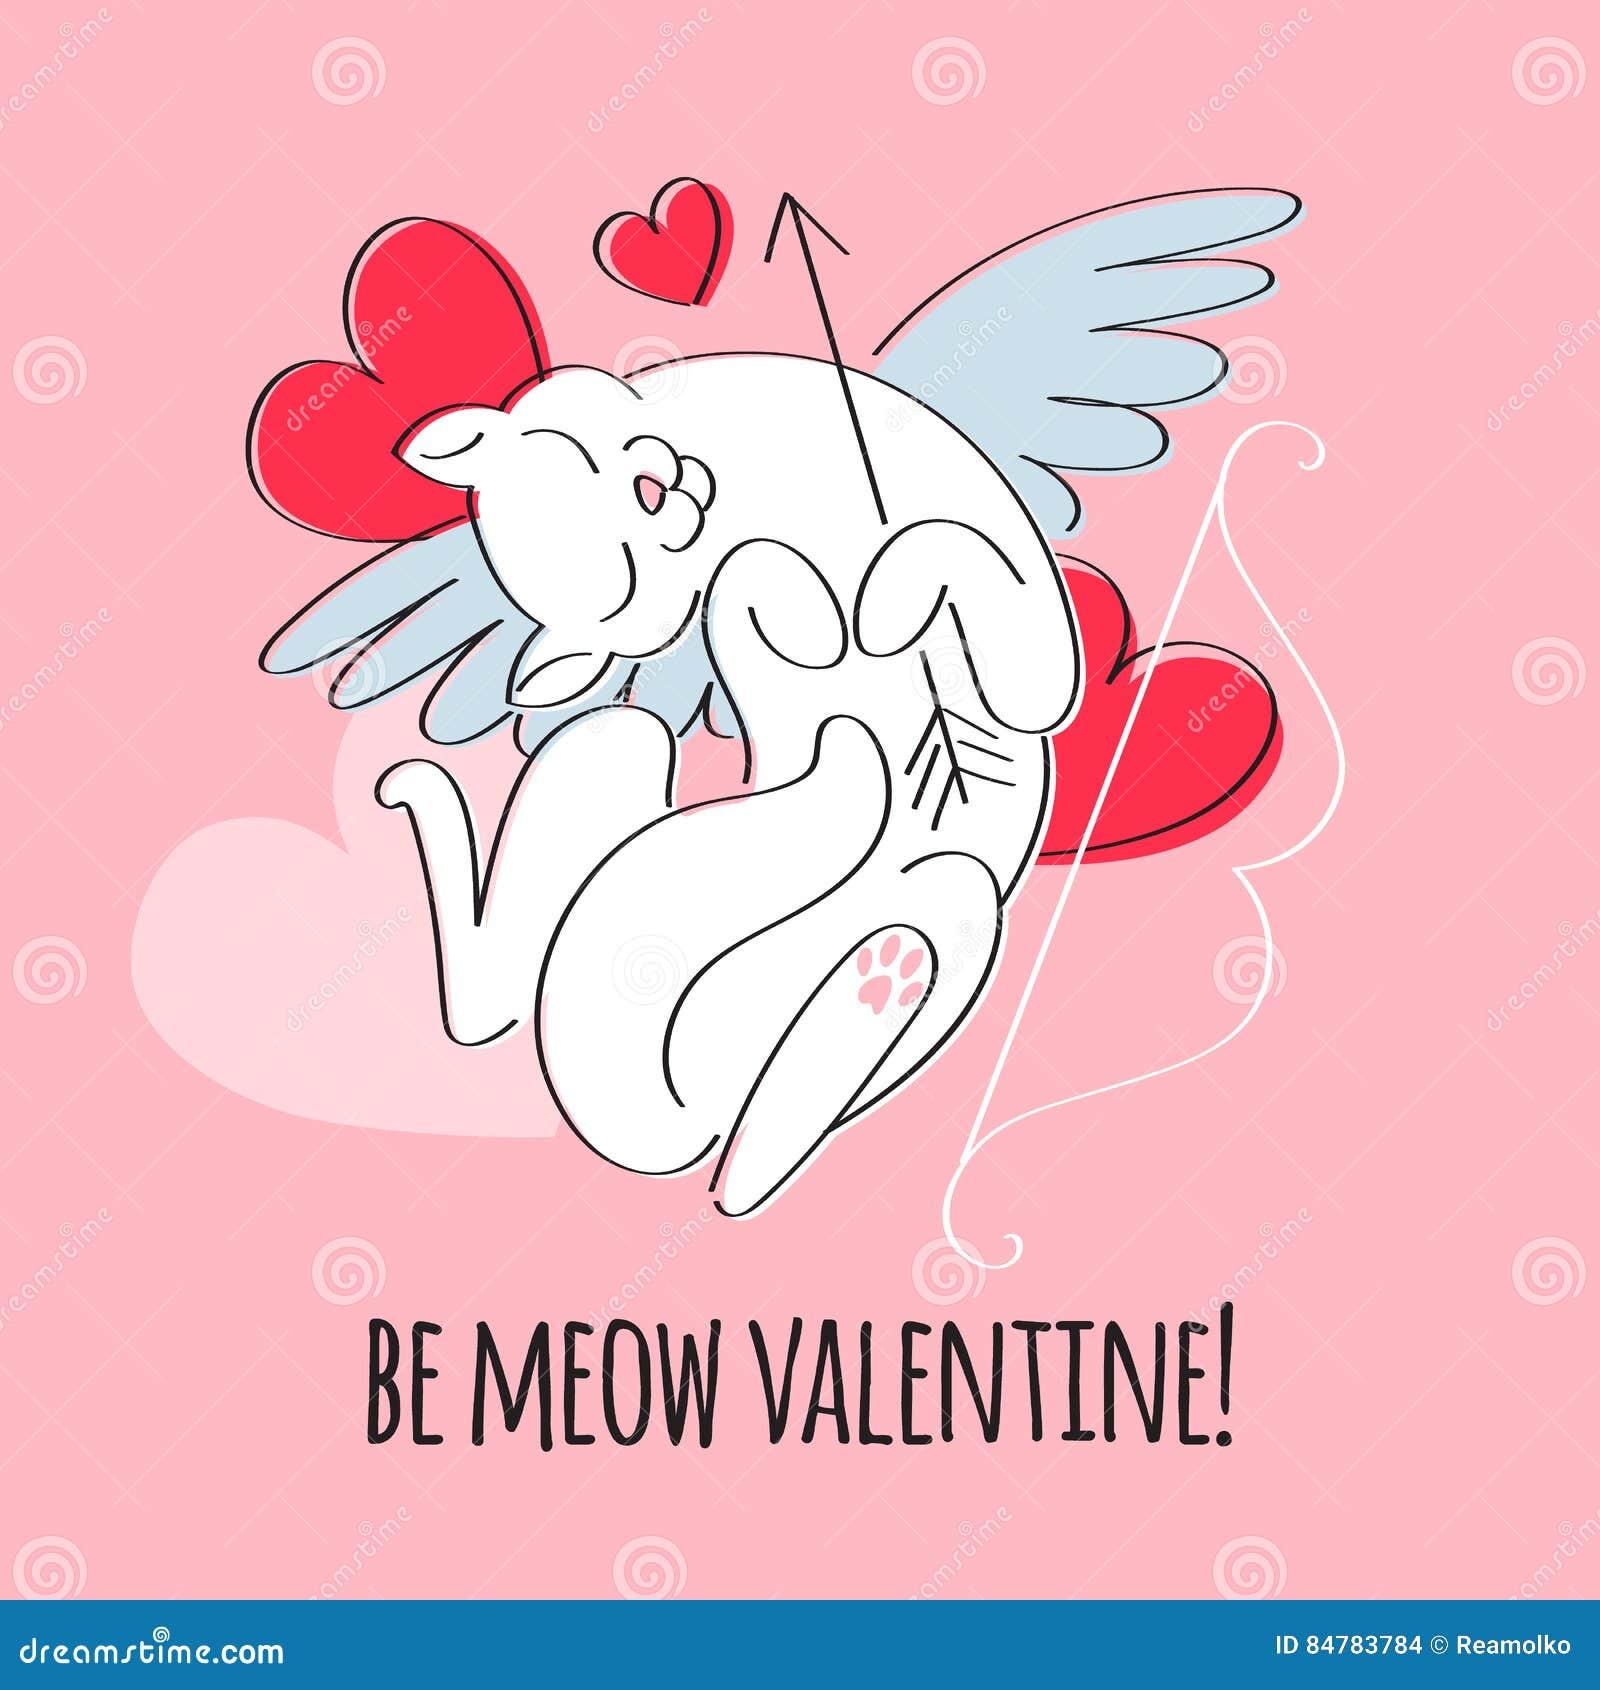 Να είστε ο βαλεντίνος μου - cupid απεικόνιση γατών